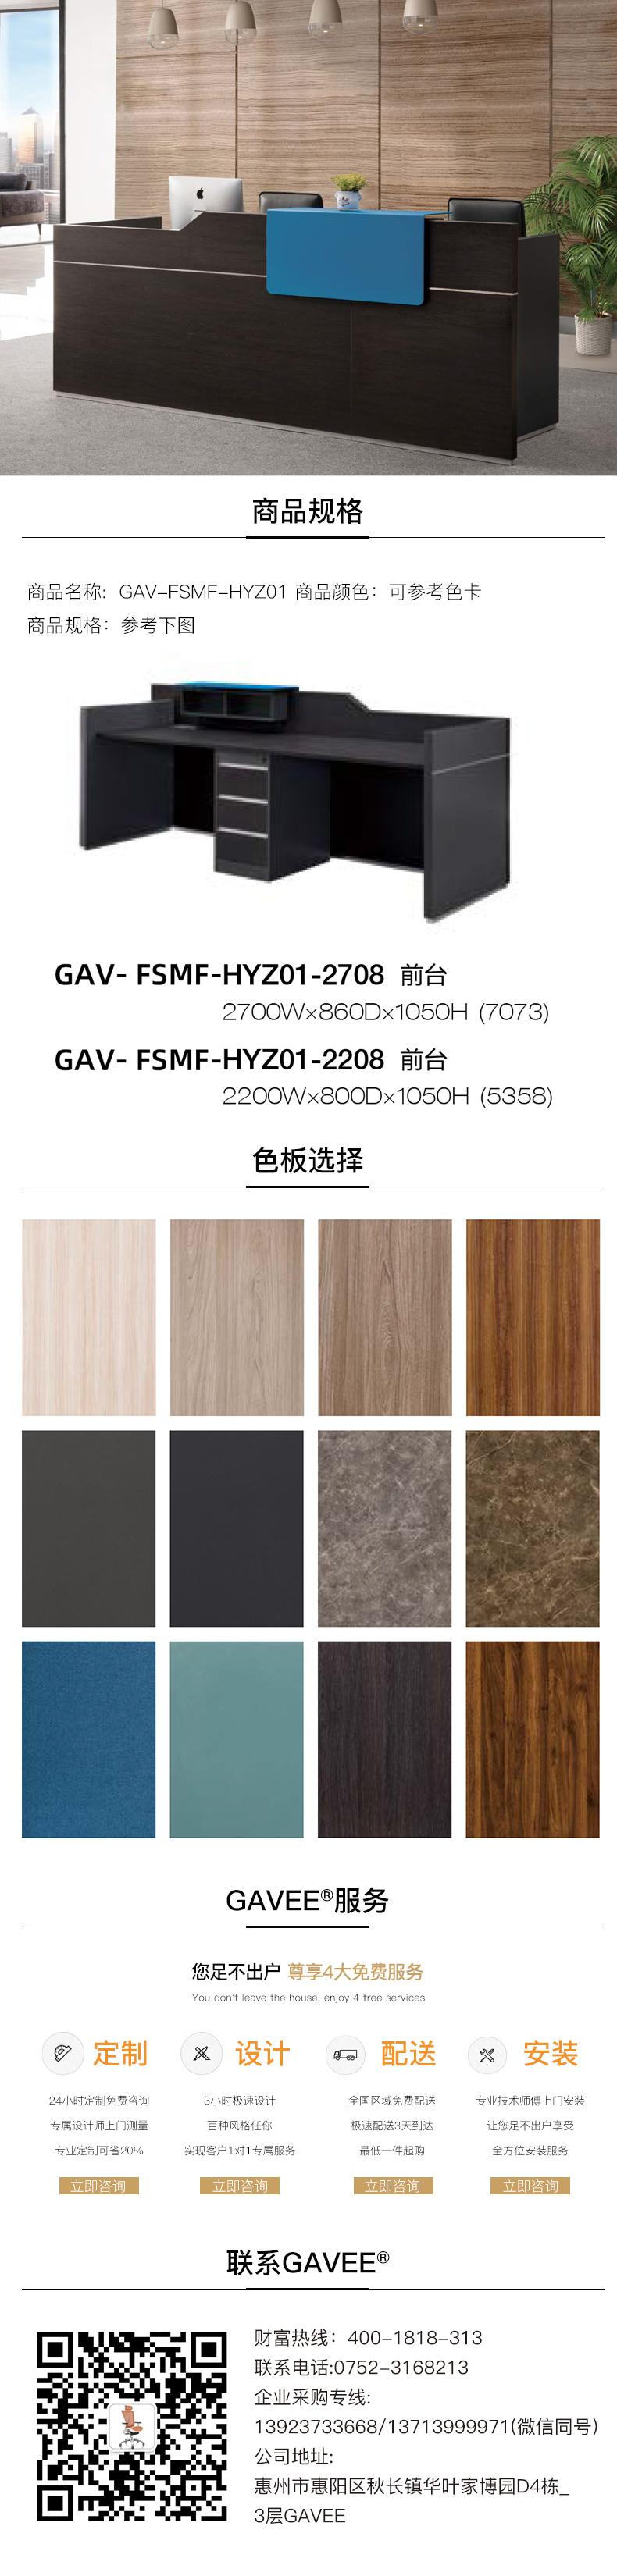 前臺接待系統GAV-FSMF-HYZ01.jpg